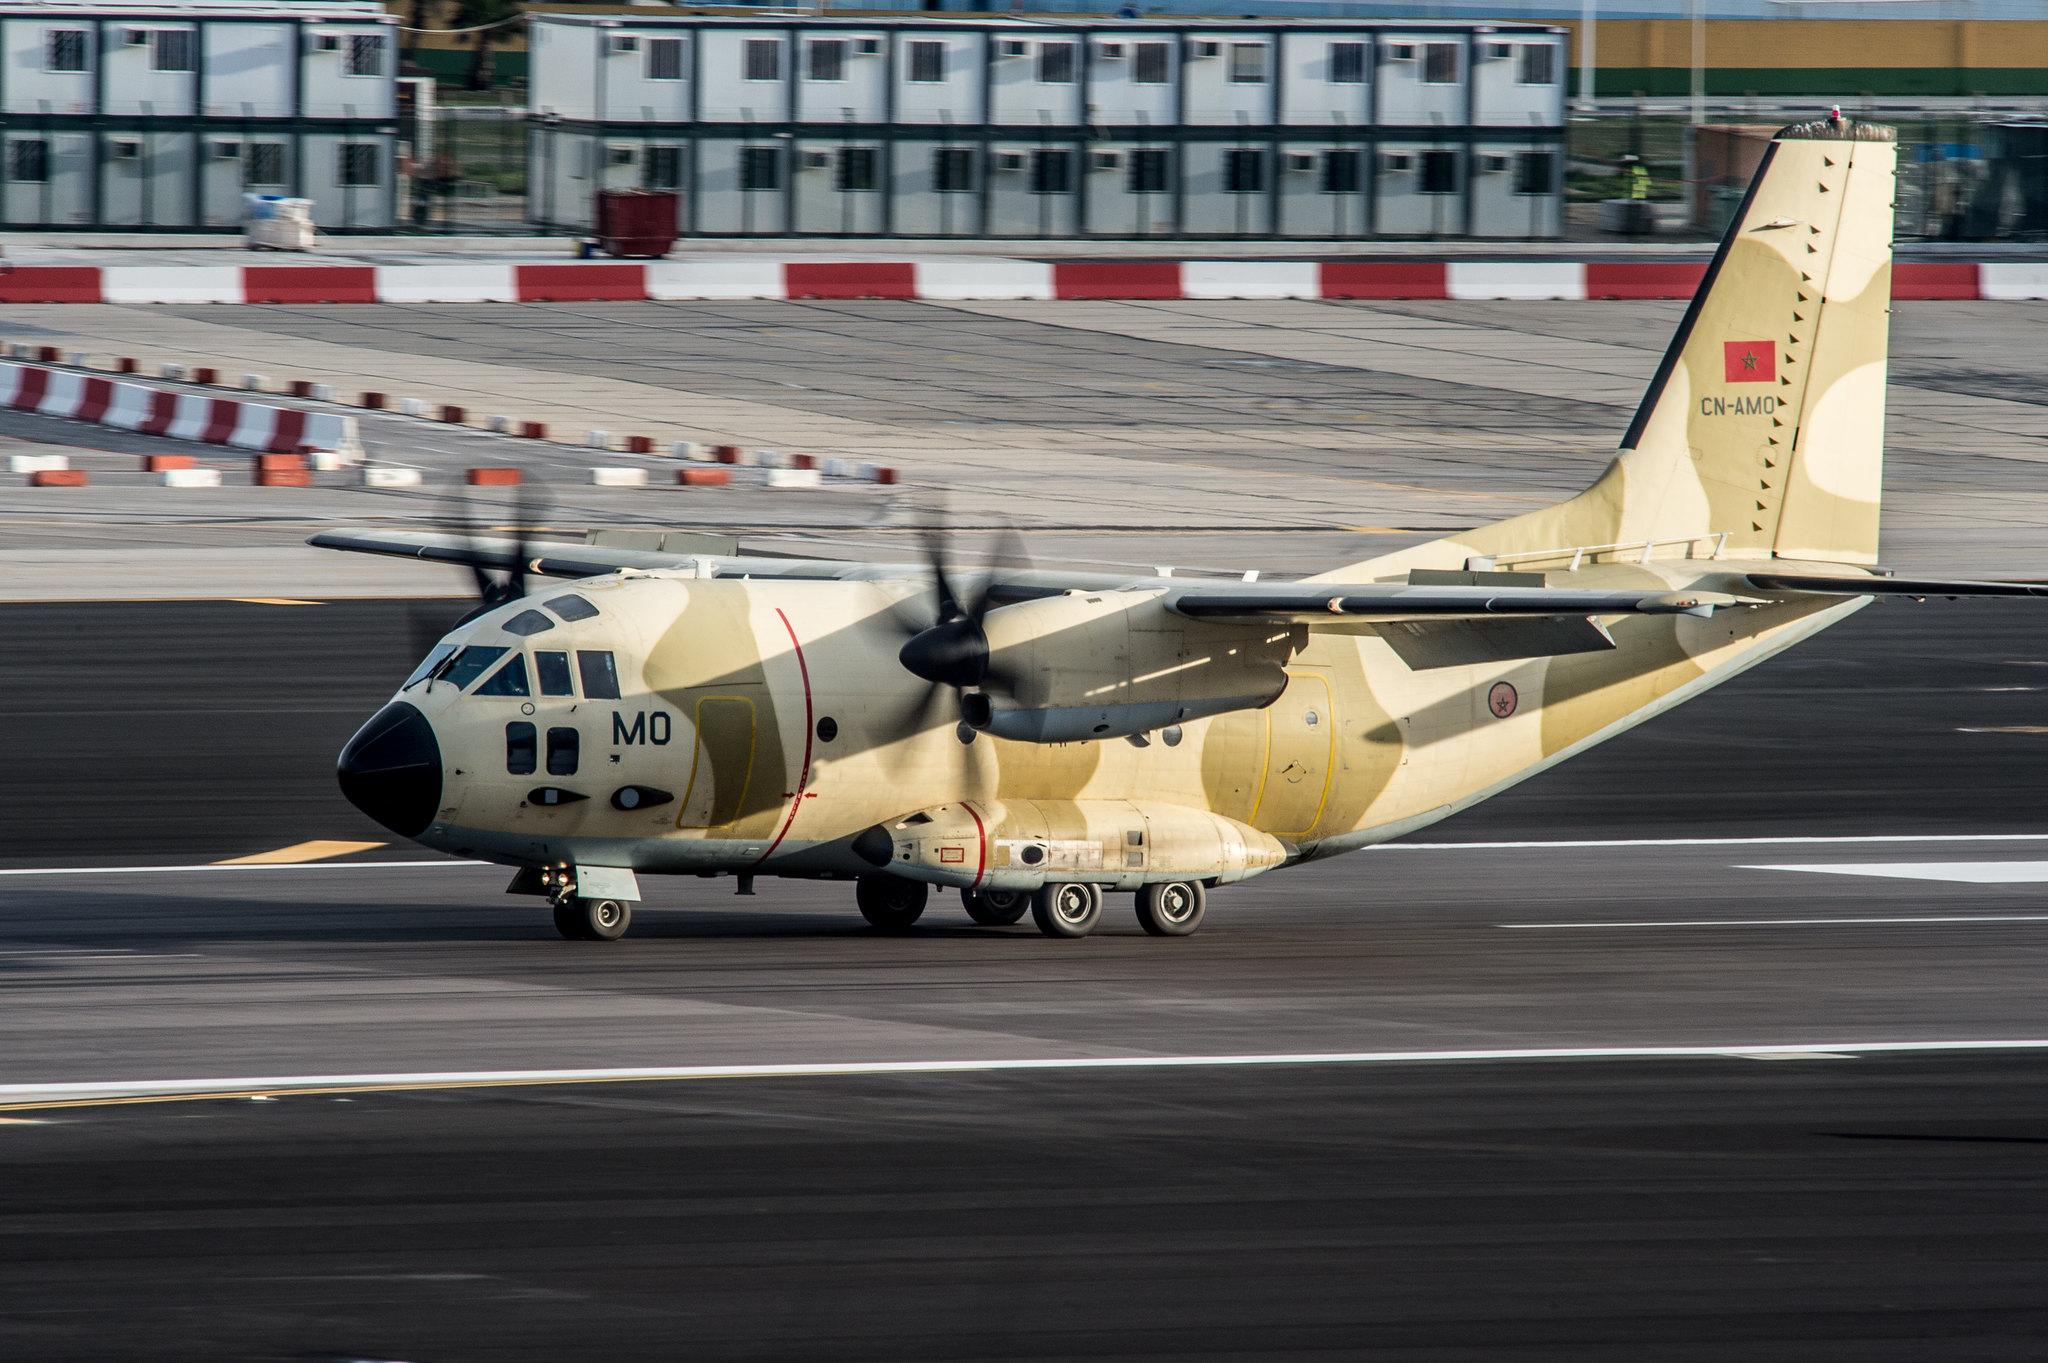 طائرات النقل العاملة بالقوات المسلحة المغربية - صفحة 3 24347775373_2de7c5b3ae_k